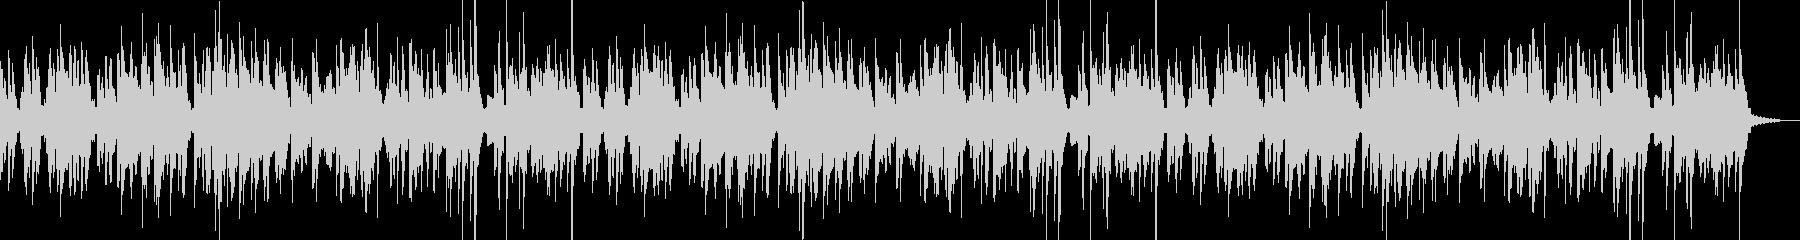 お猿のかごや遅めVibとKB=BPM96の未再生の波形